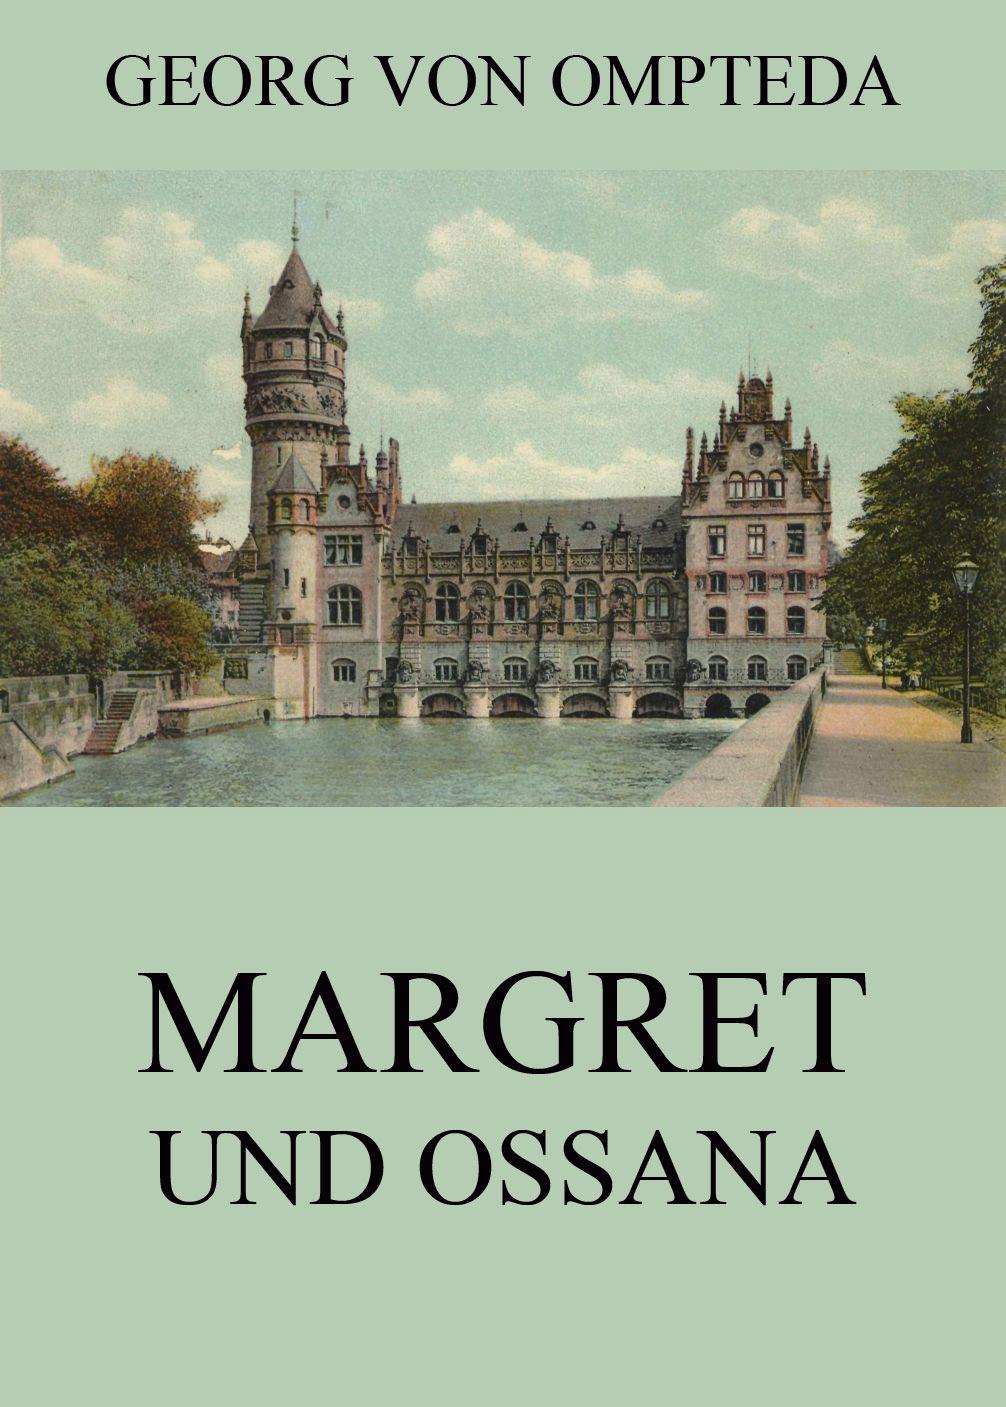 Georg von Ompteda Margret und Ossana